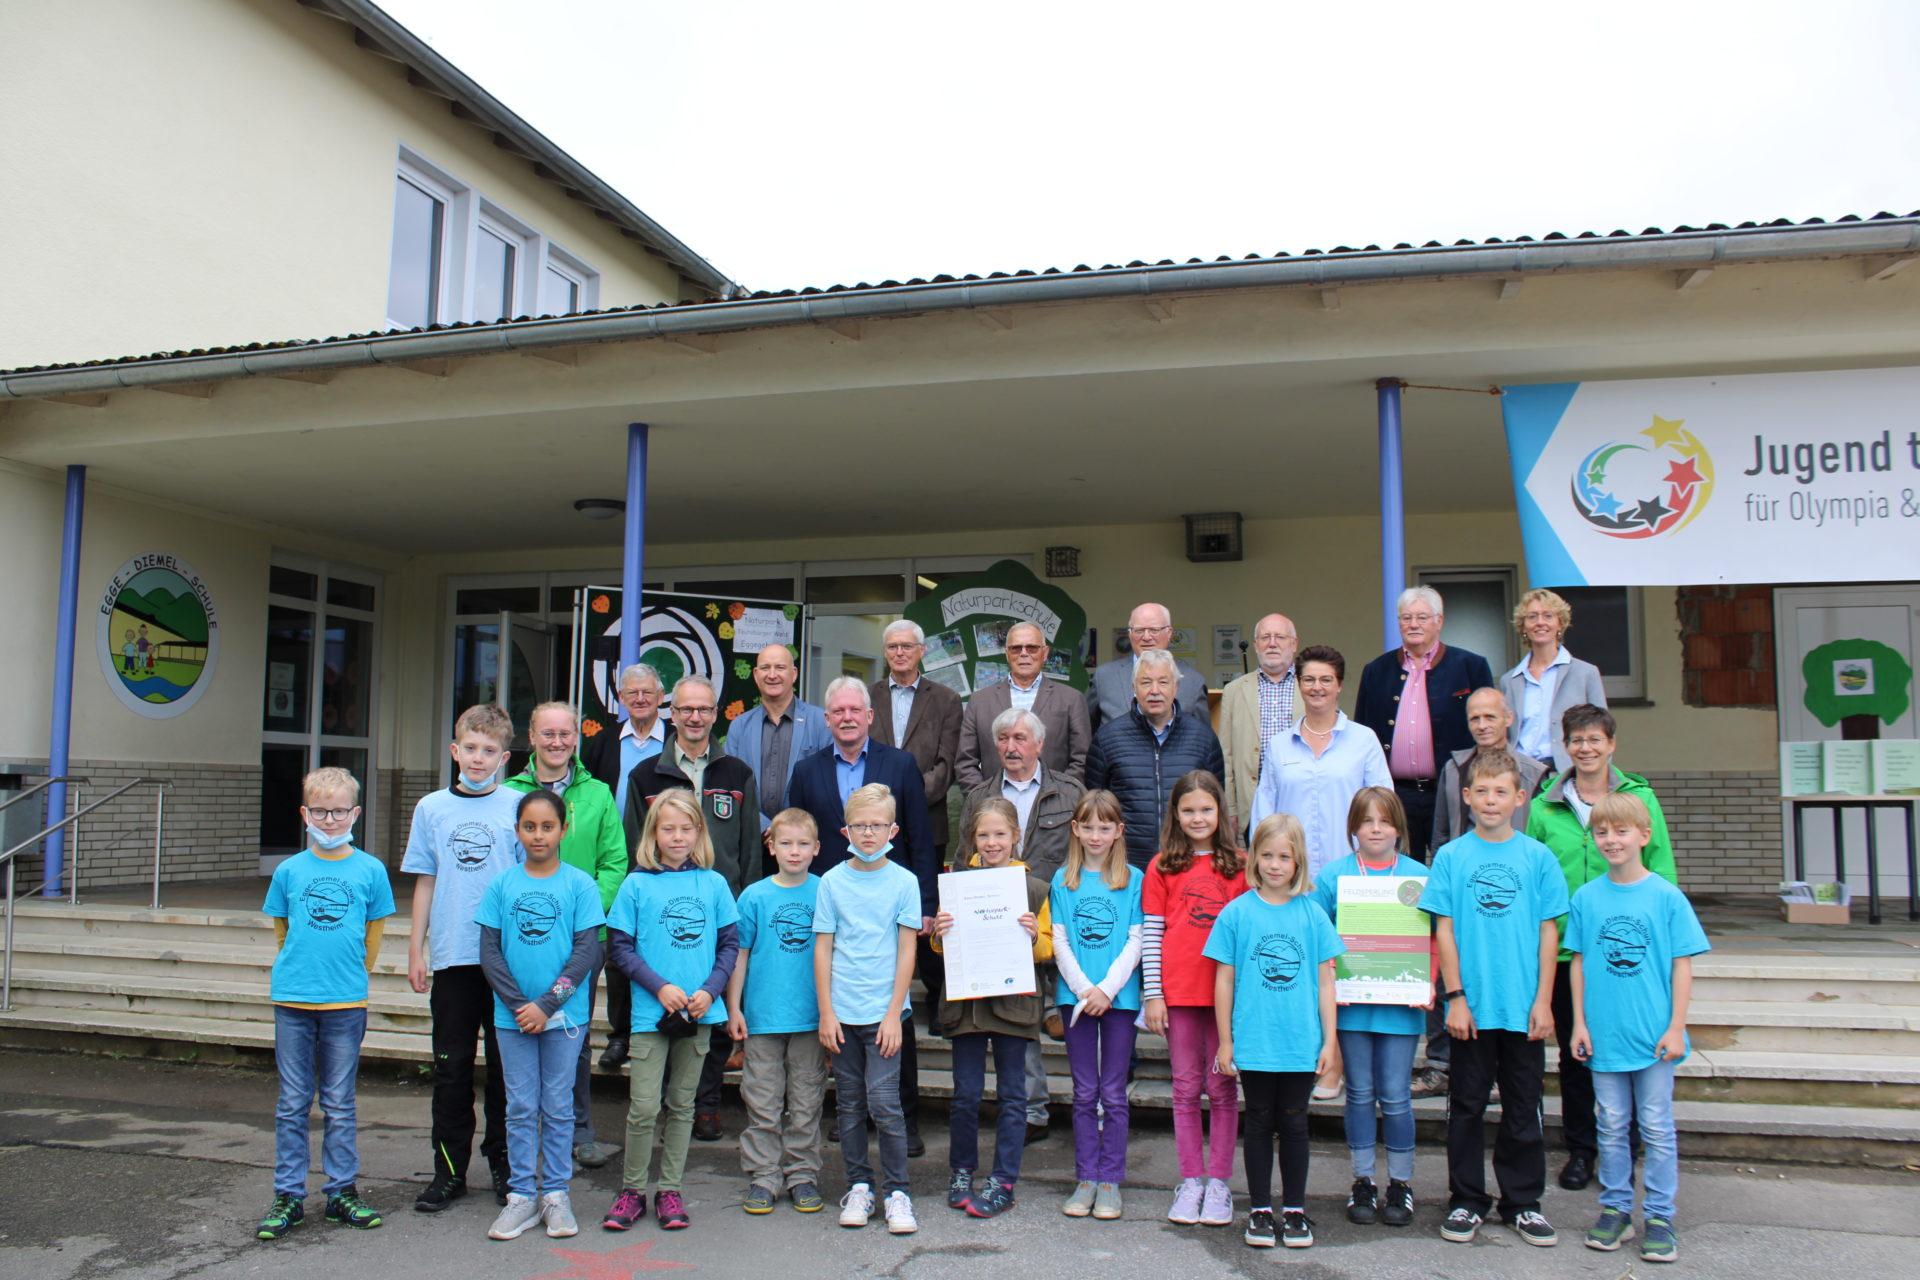 Gruppenfoto mit Schülern und Partnern der Naturpark-Schule